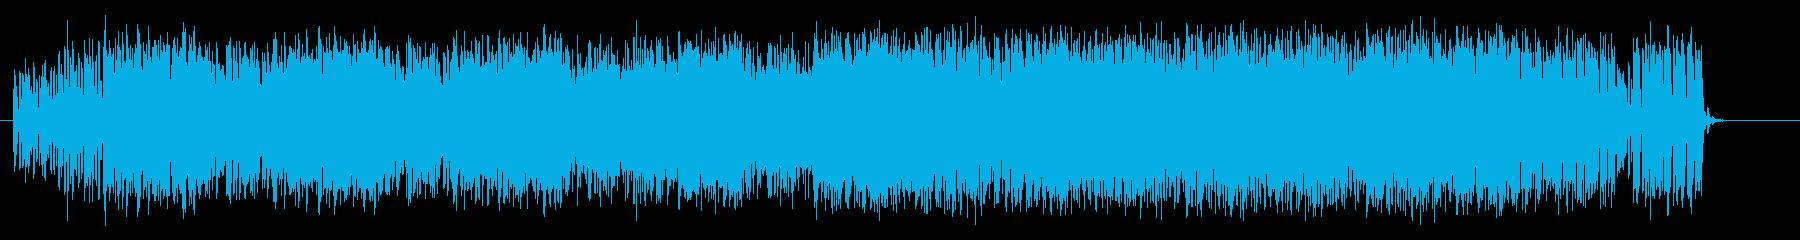 疾走感、浮遊感のあるループしたテクノの曲の再生済みの波形